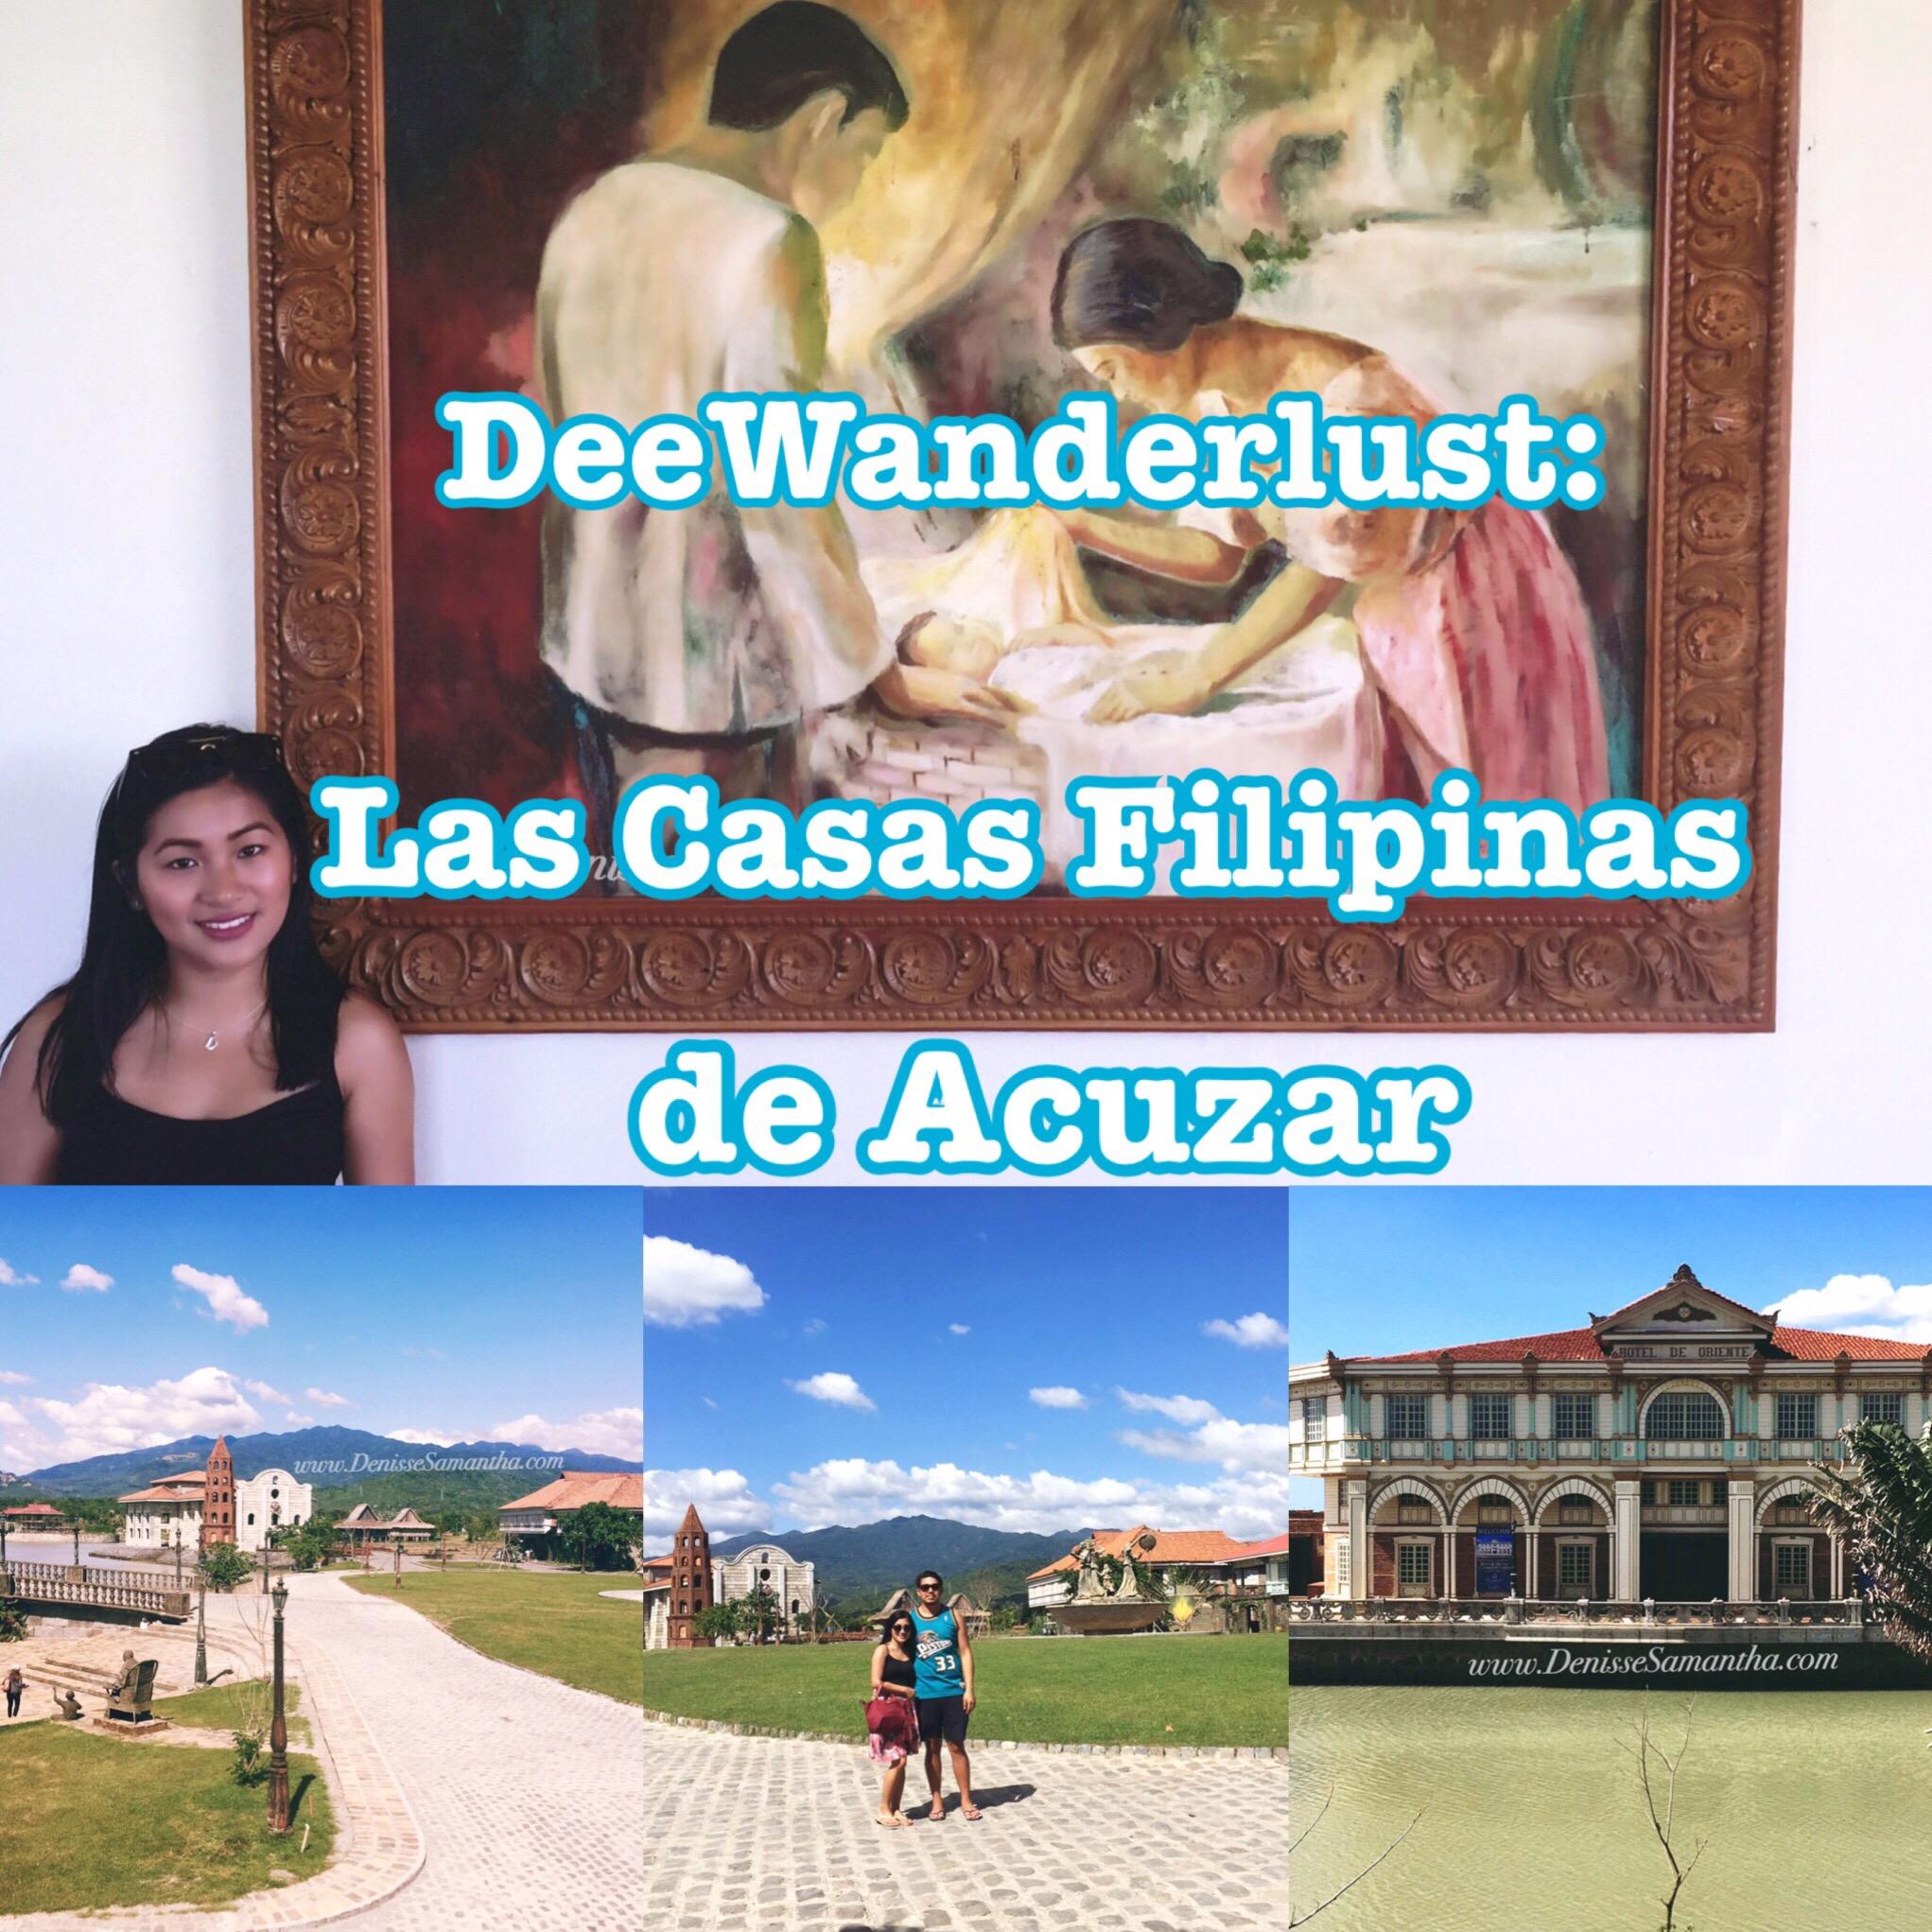 DeeWanderlust: Las Casas Filipinas de Acuzar